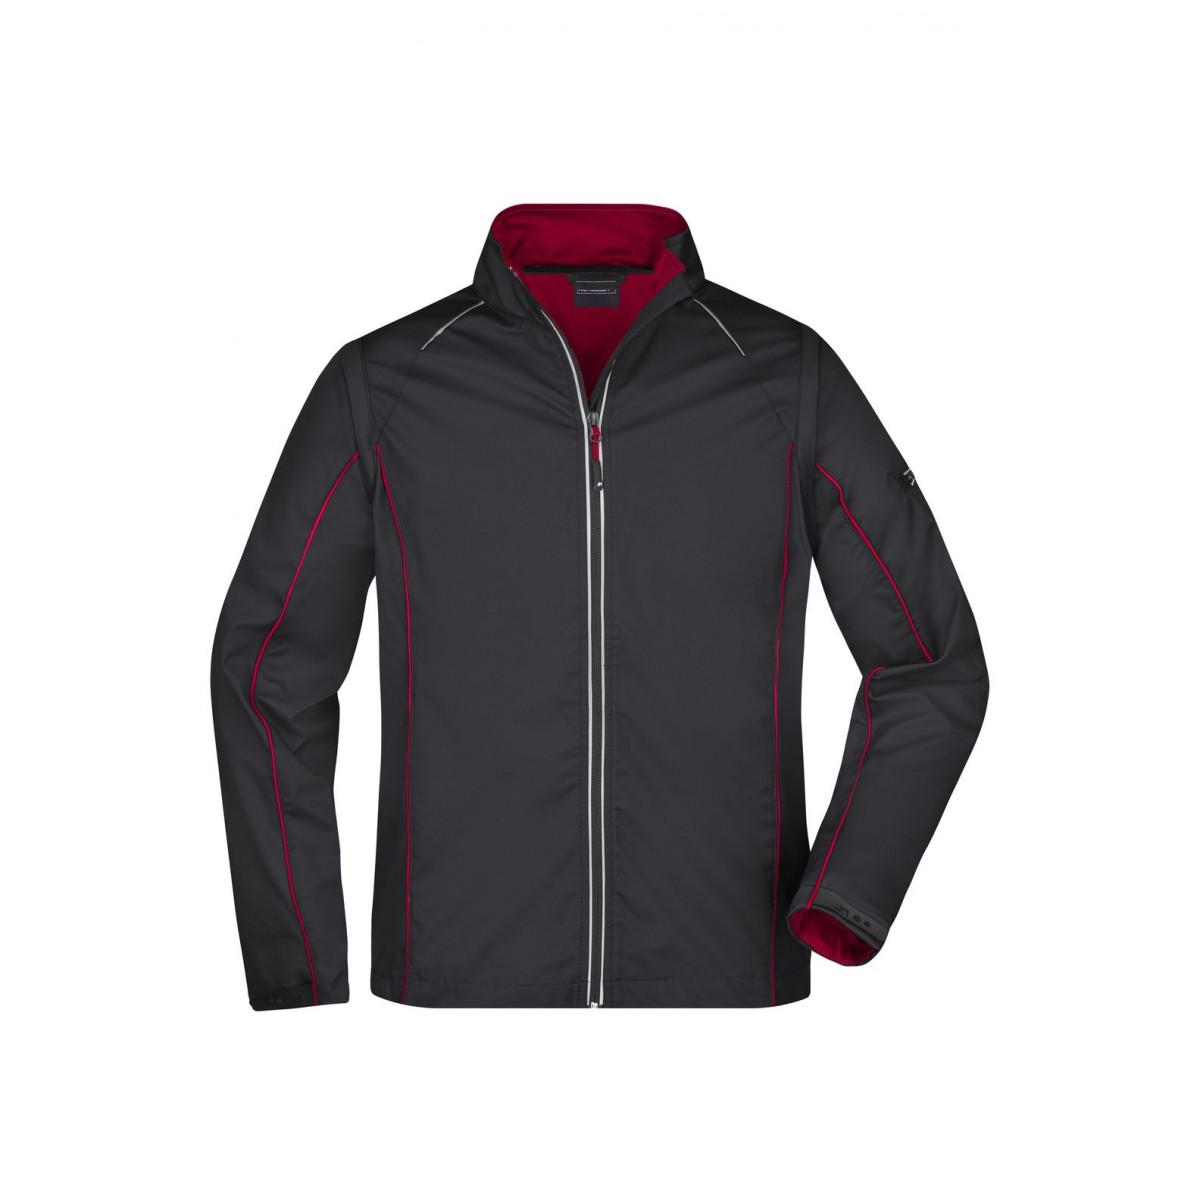 Куртка мужская JN1122 Mens Zip-Off Softshell Jacket - Черный/Красный